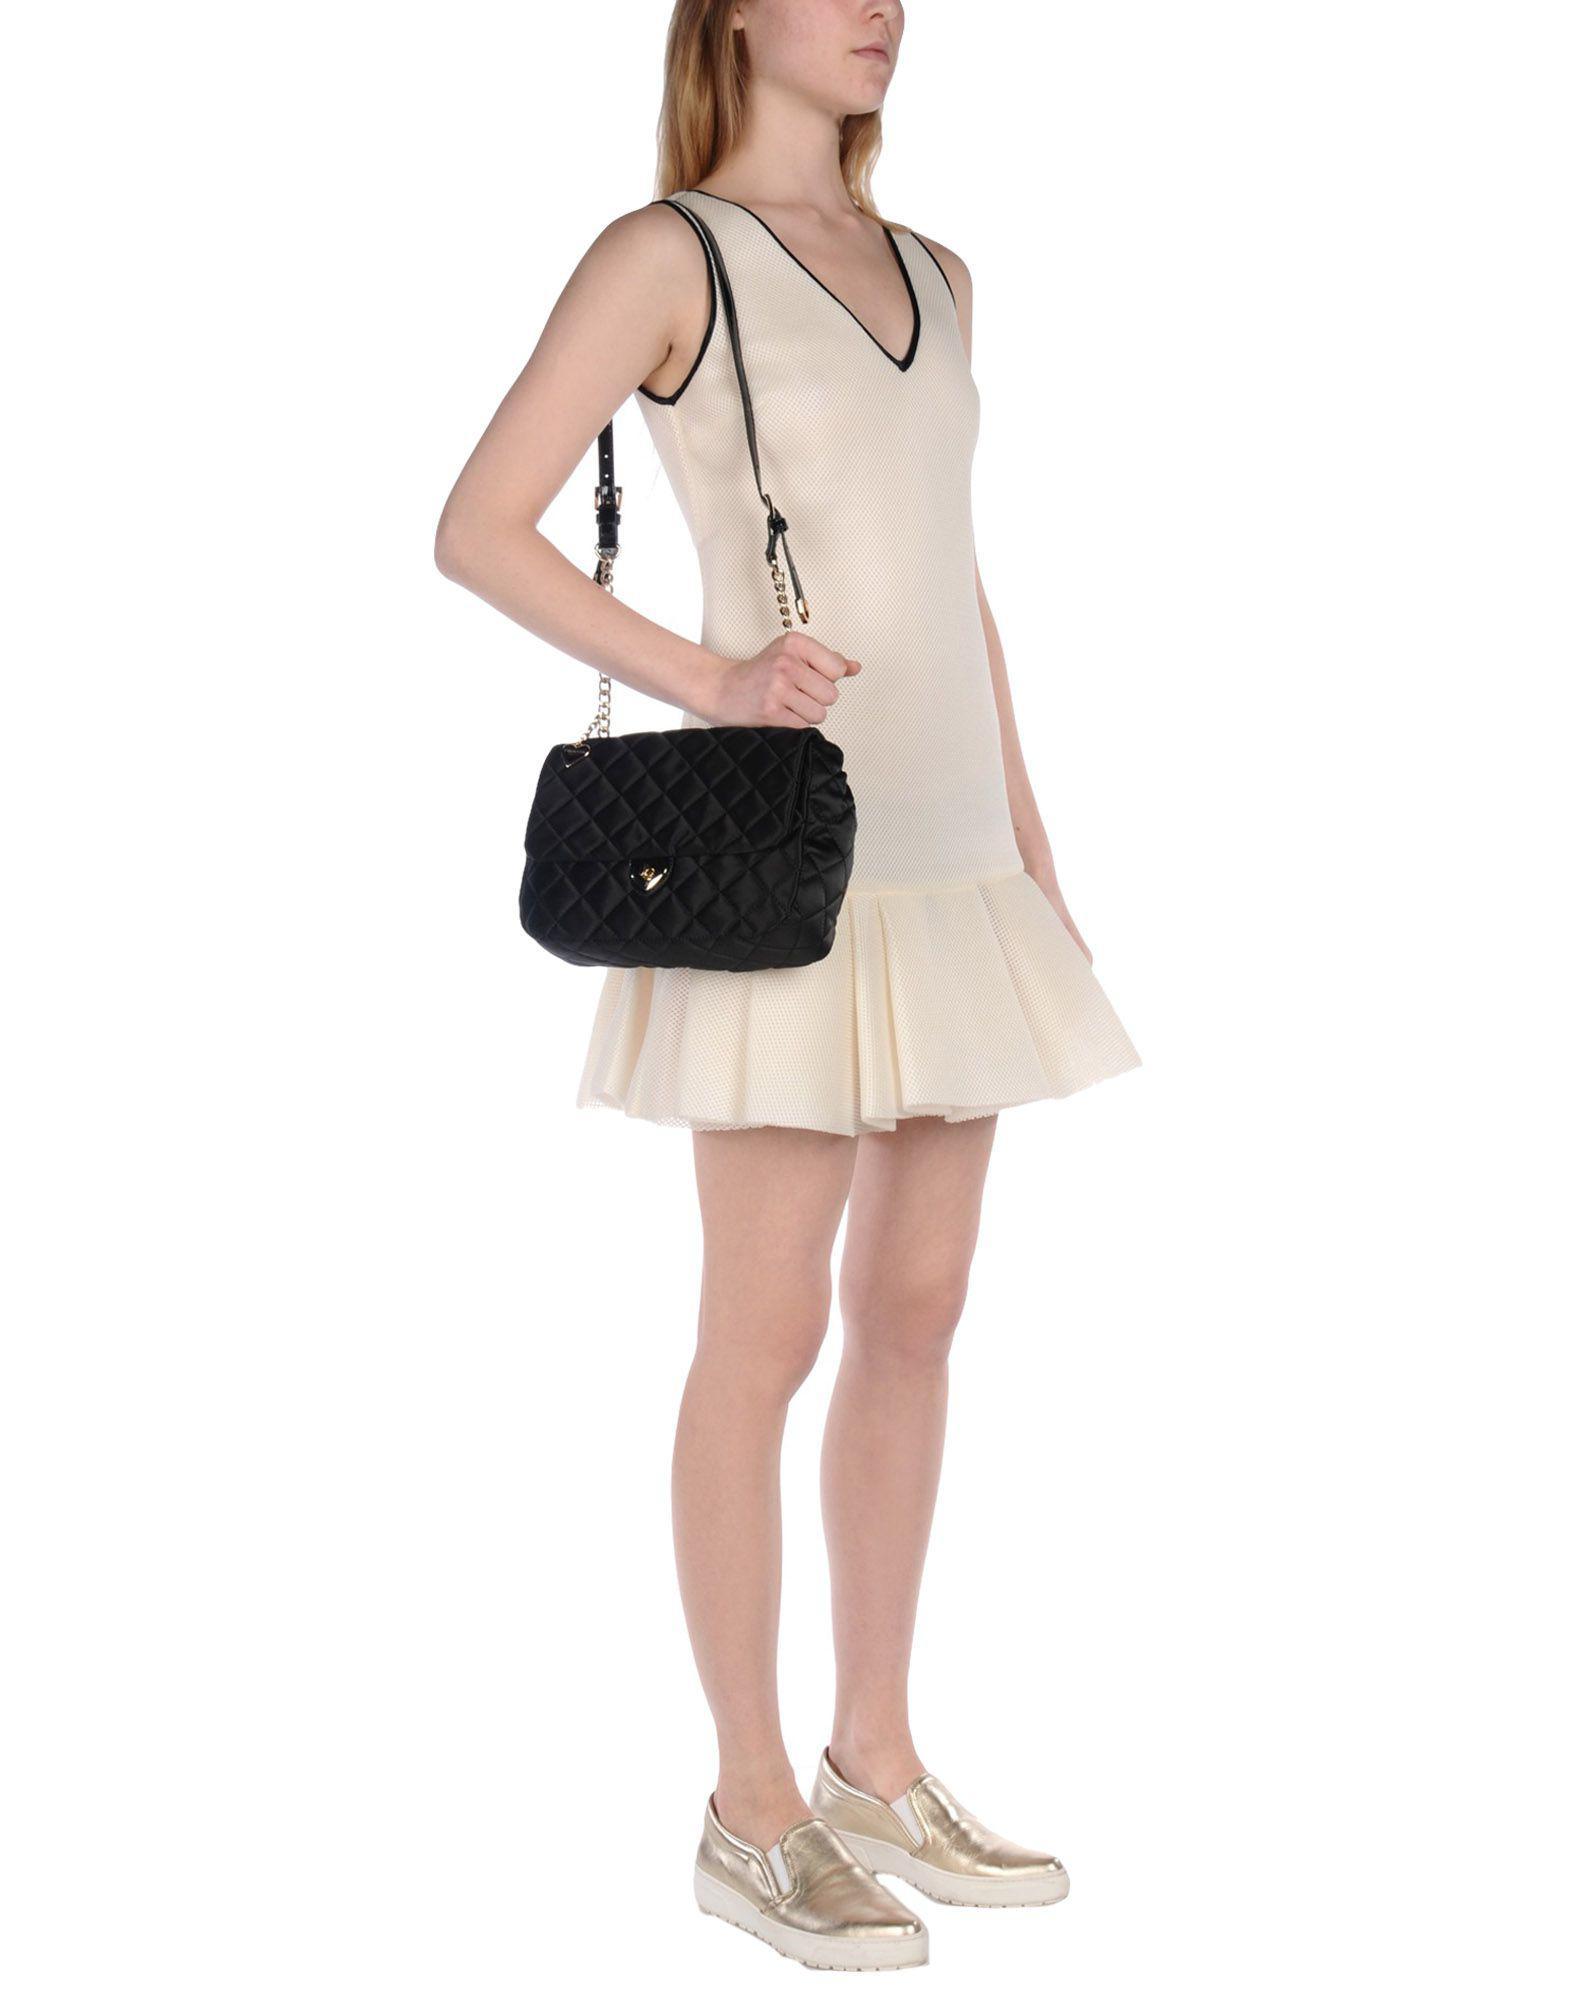 Tosca Blu Satin Cross-body Bag in Black